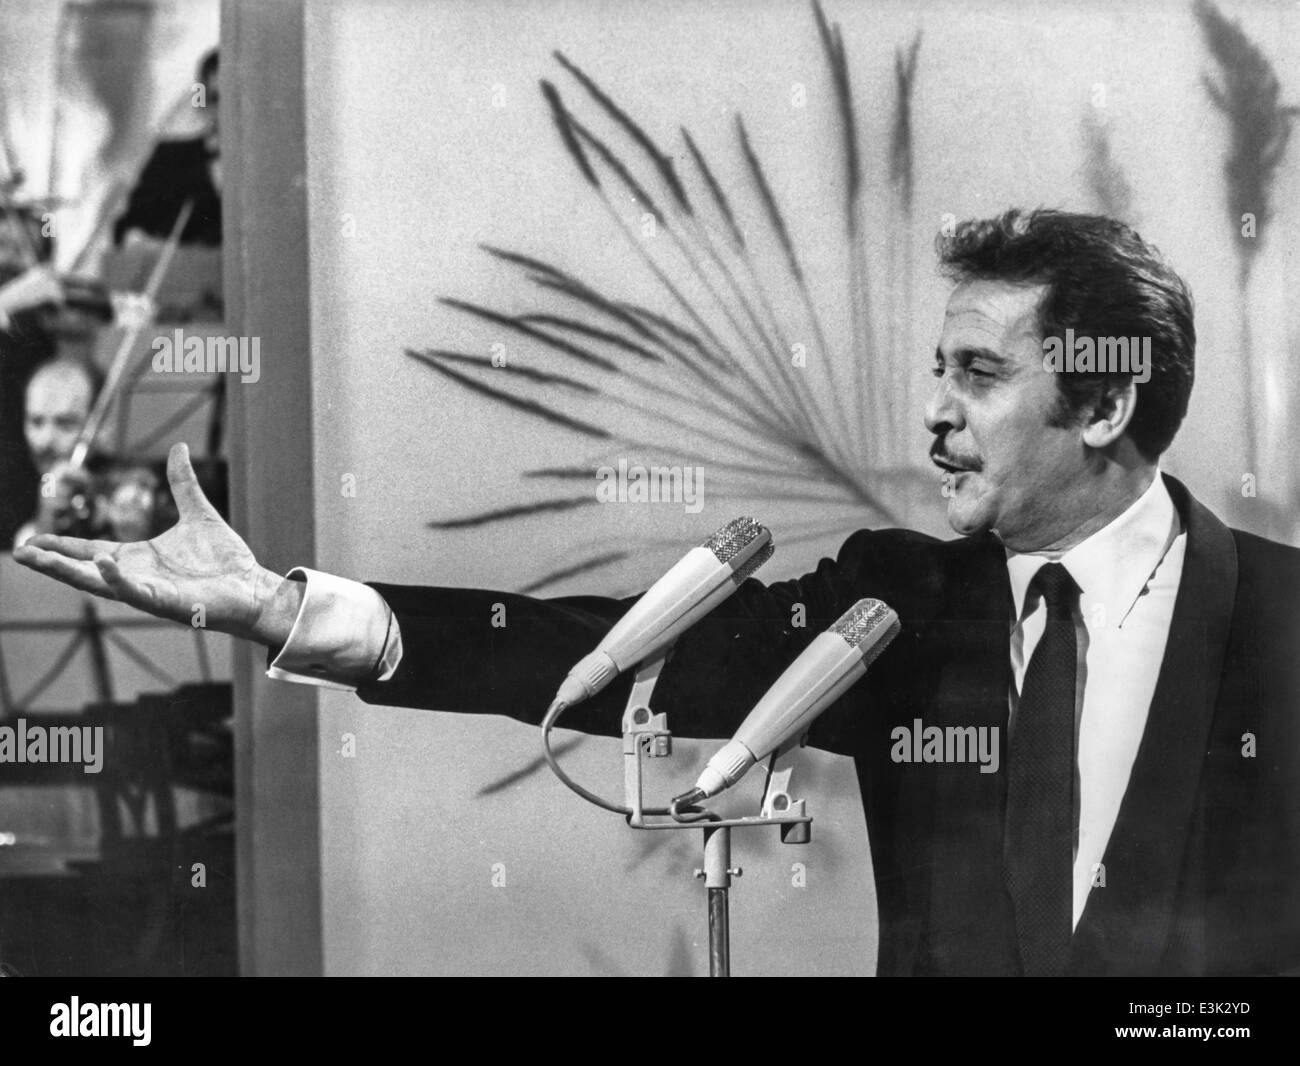 domenico modugno at the grand prix d'eurovision,luxemburg,1966 - Stock Image